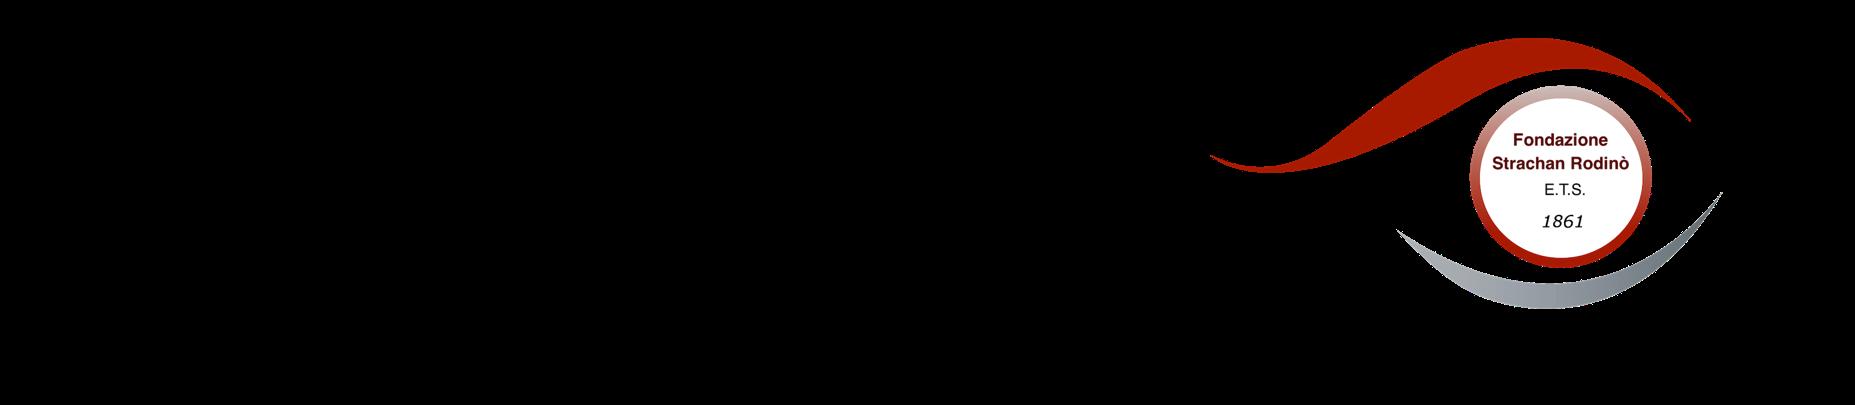 Fondazione Strachan Rodino